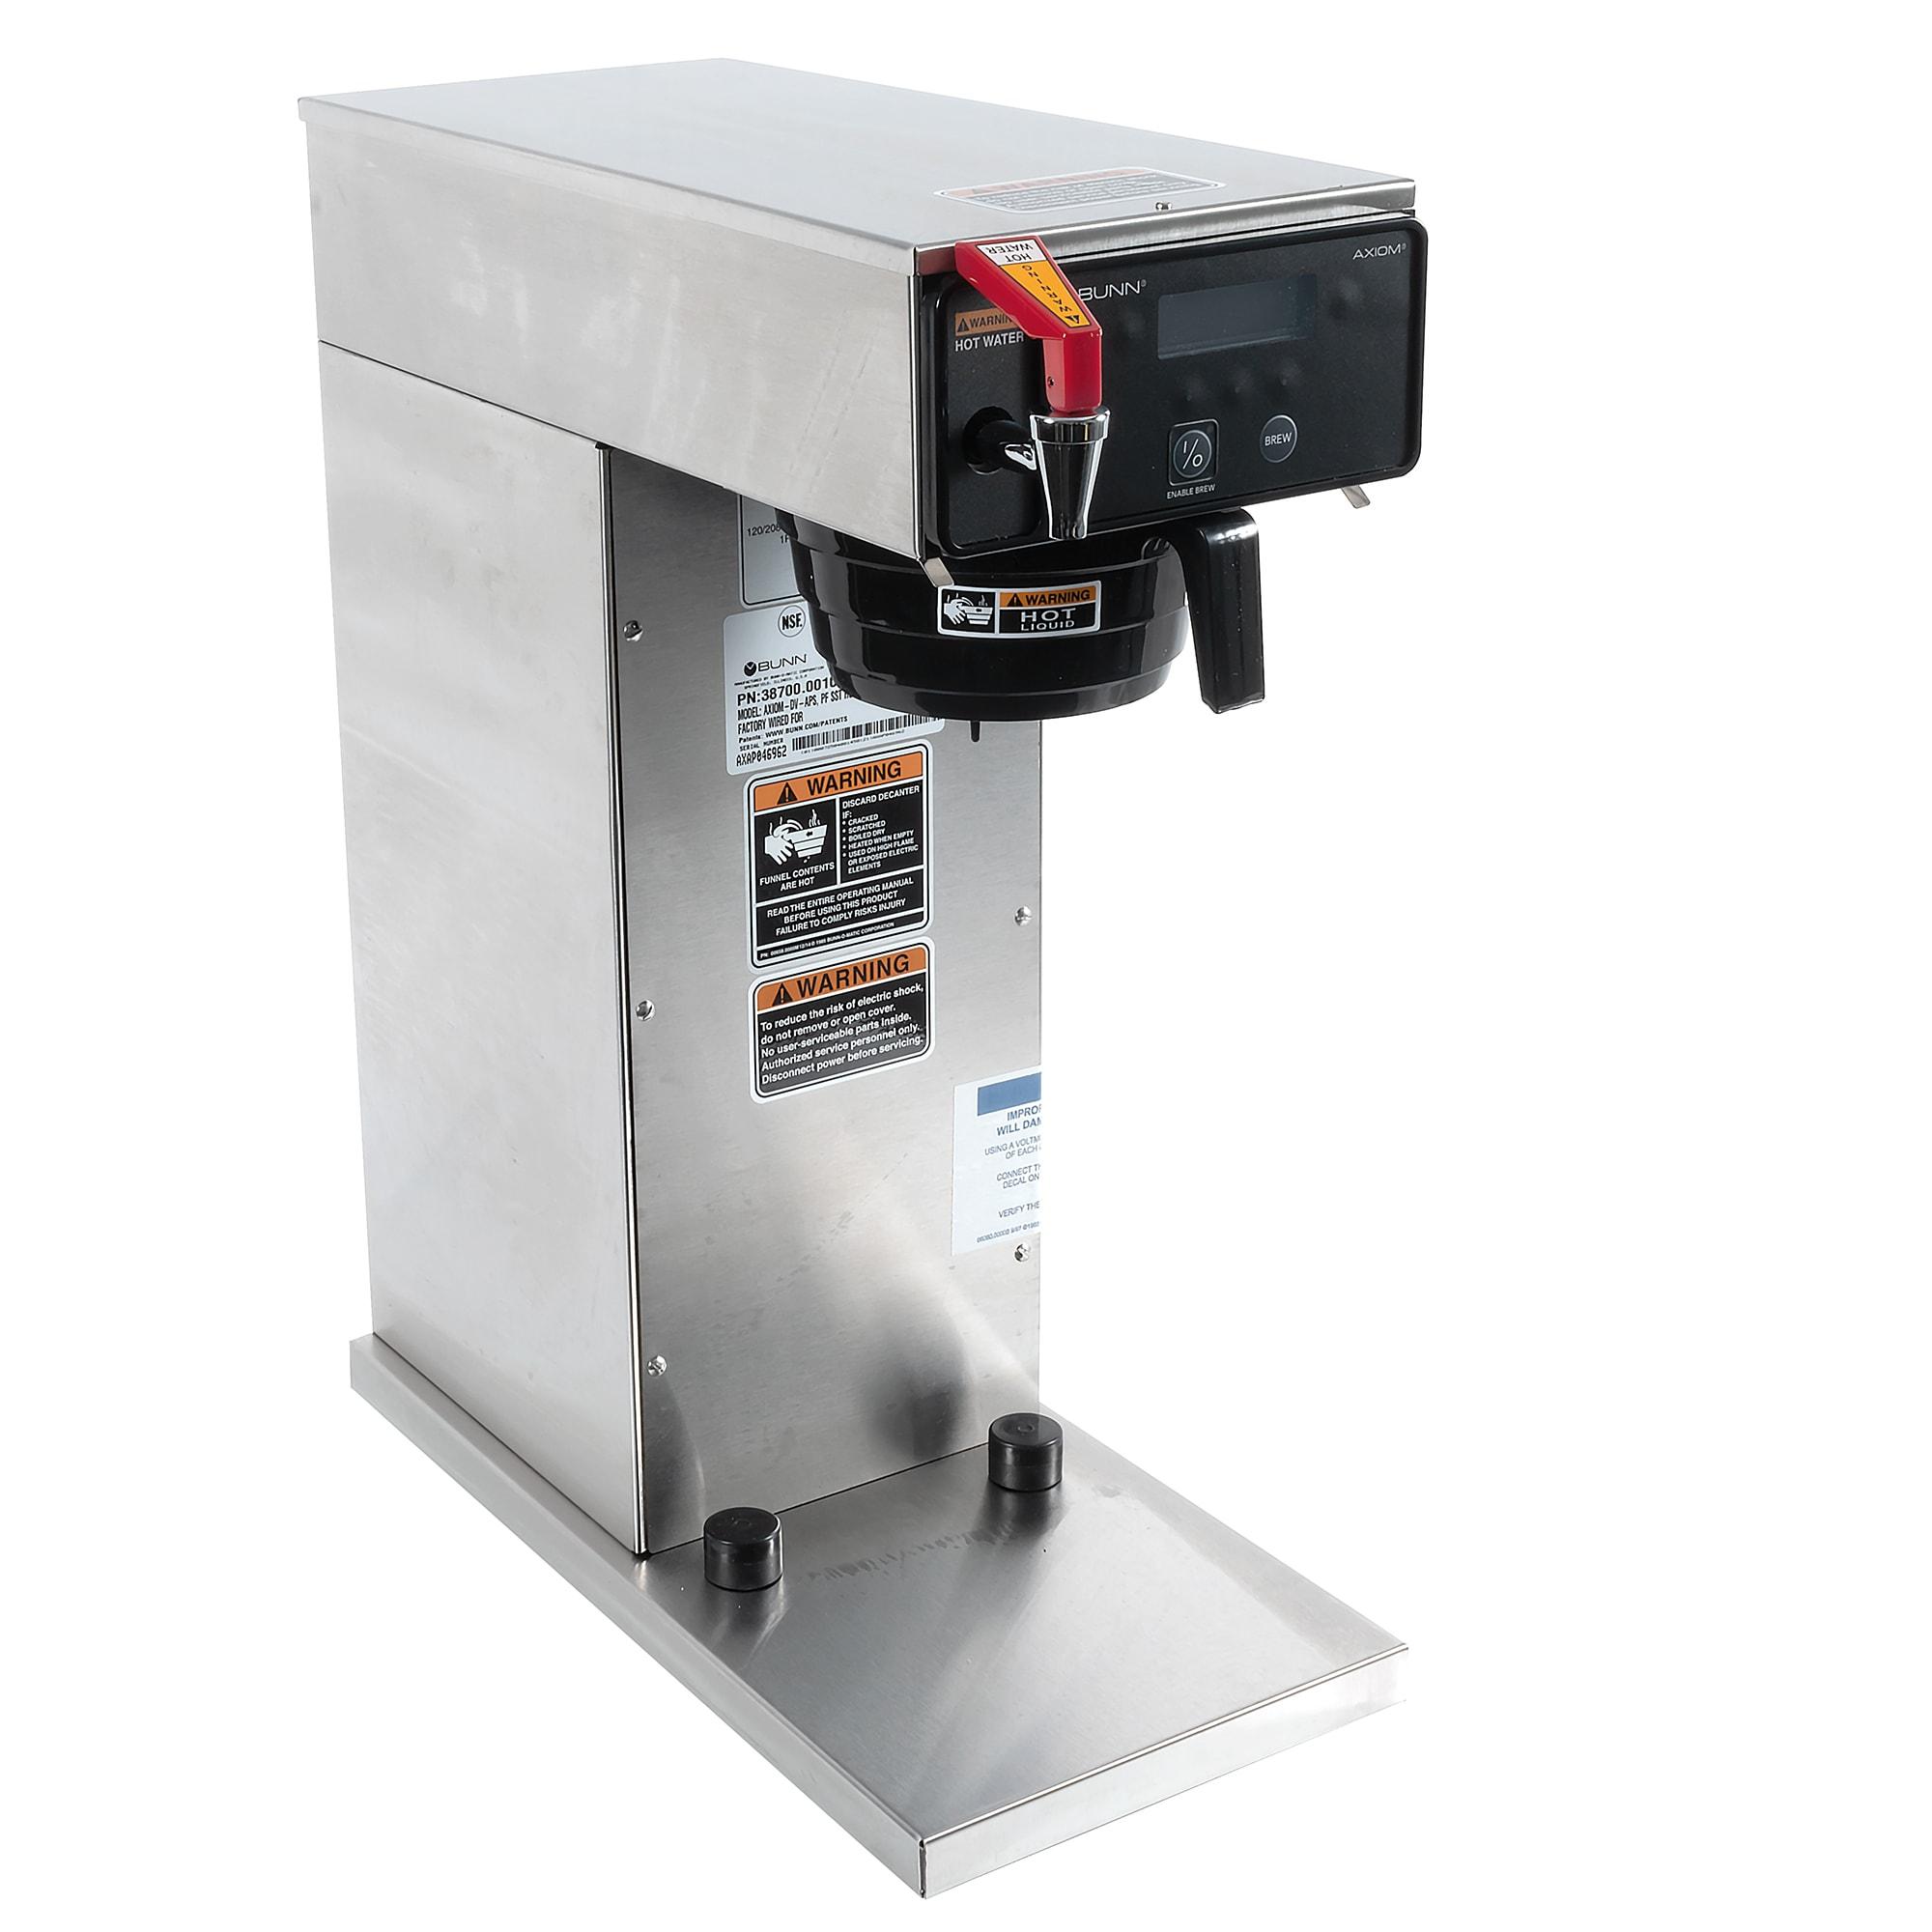 Bunn AXIOM-DV-APS Airpot Coffee Brewer w/ 200 oz Capacity Tank, Automatic, 120 240v/1ph (38700.0010)